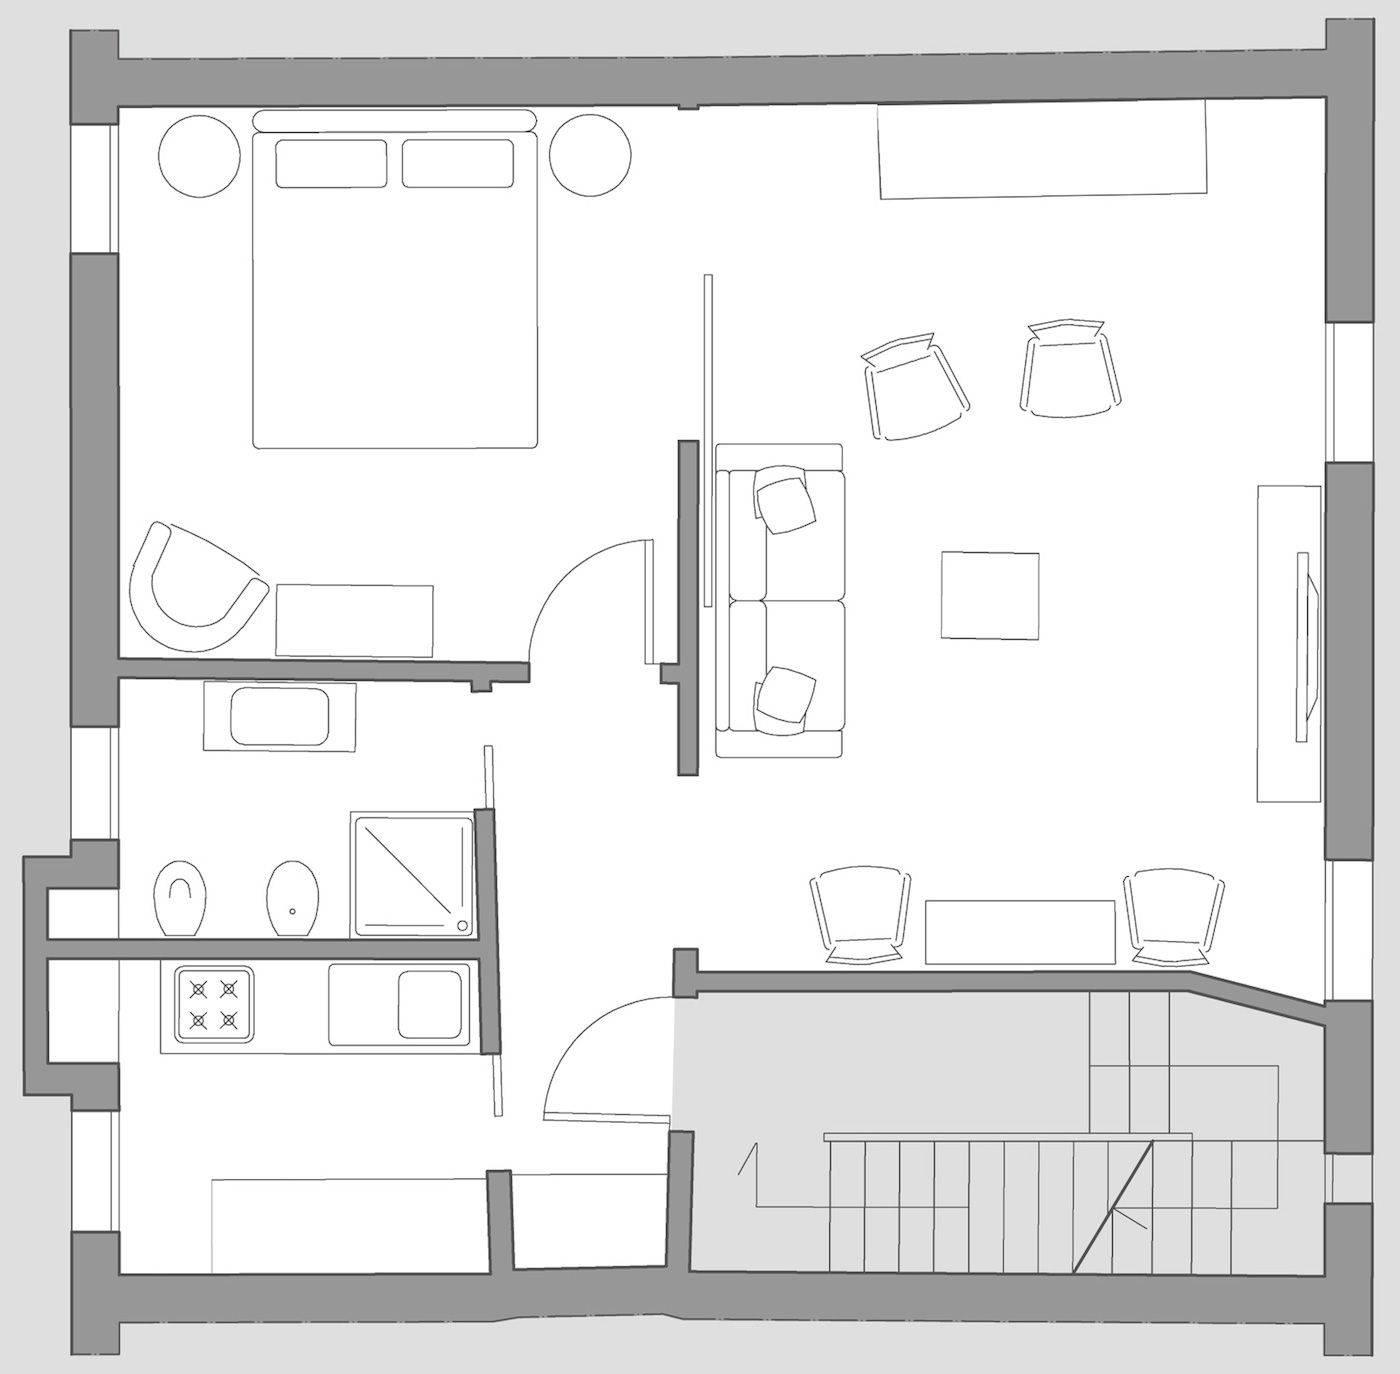 Foscolo floor plan